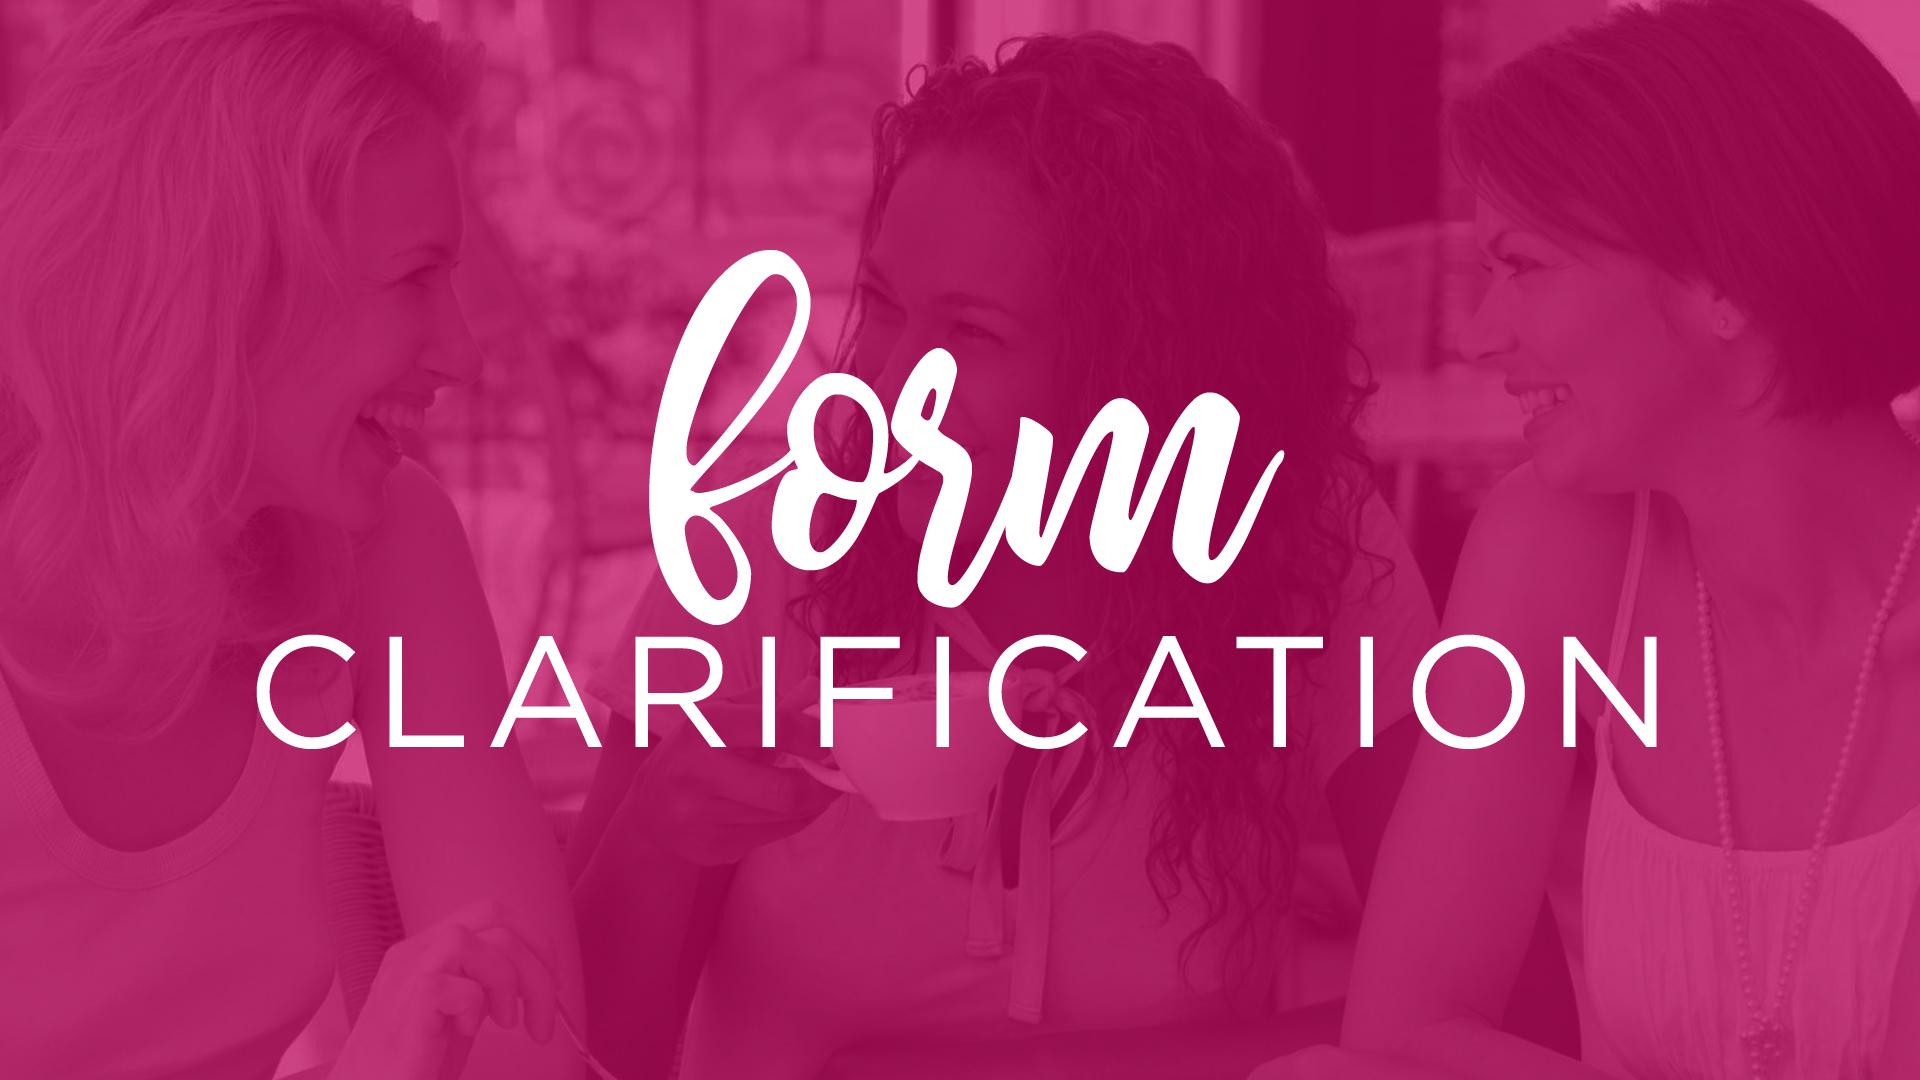 WM_form clar